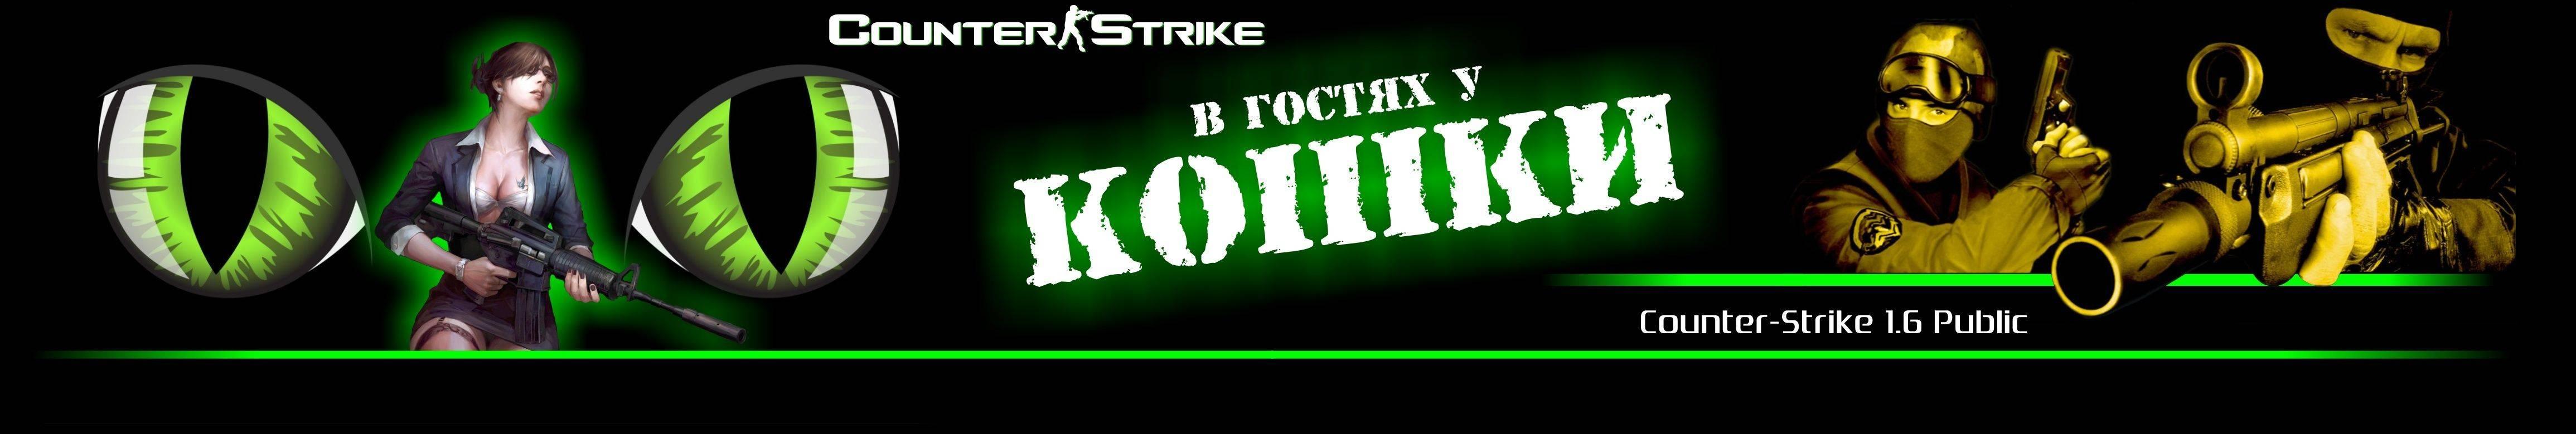 В ГОСТЯХ У КОШКИ! - Портал Koiiik19